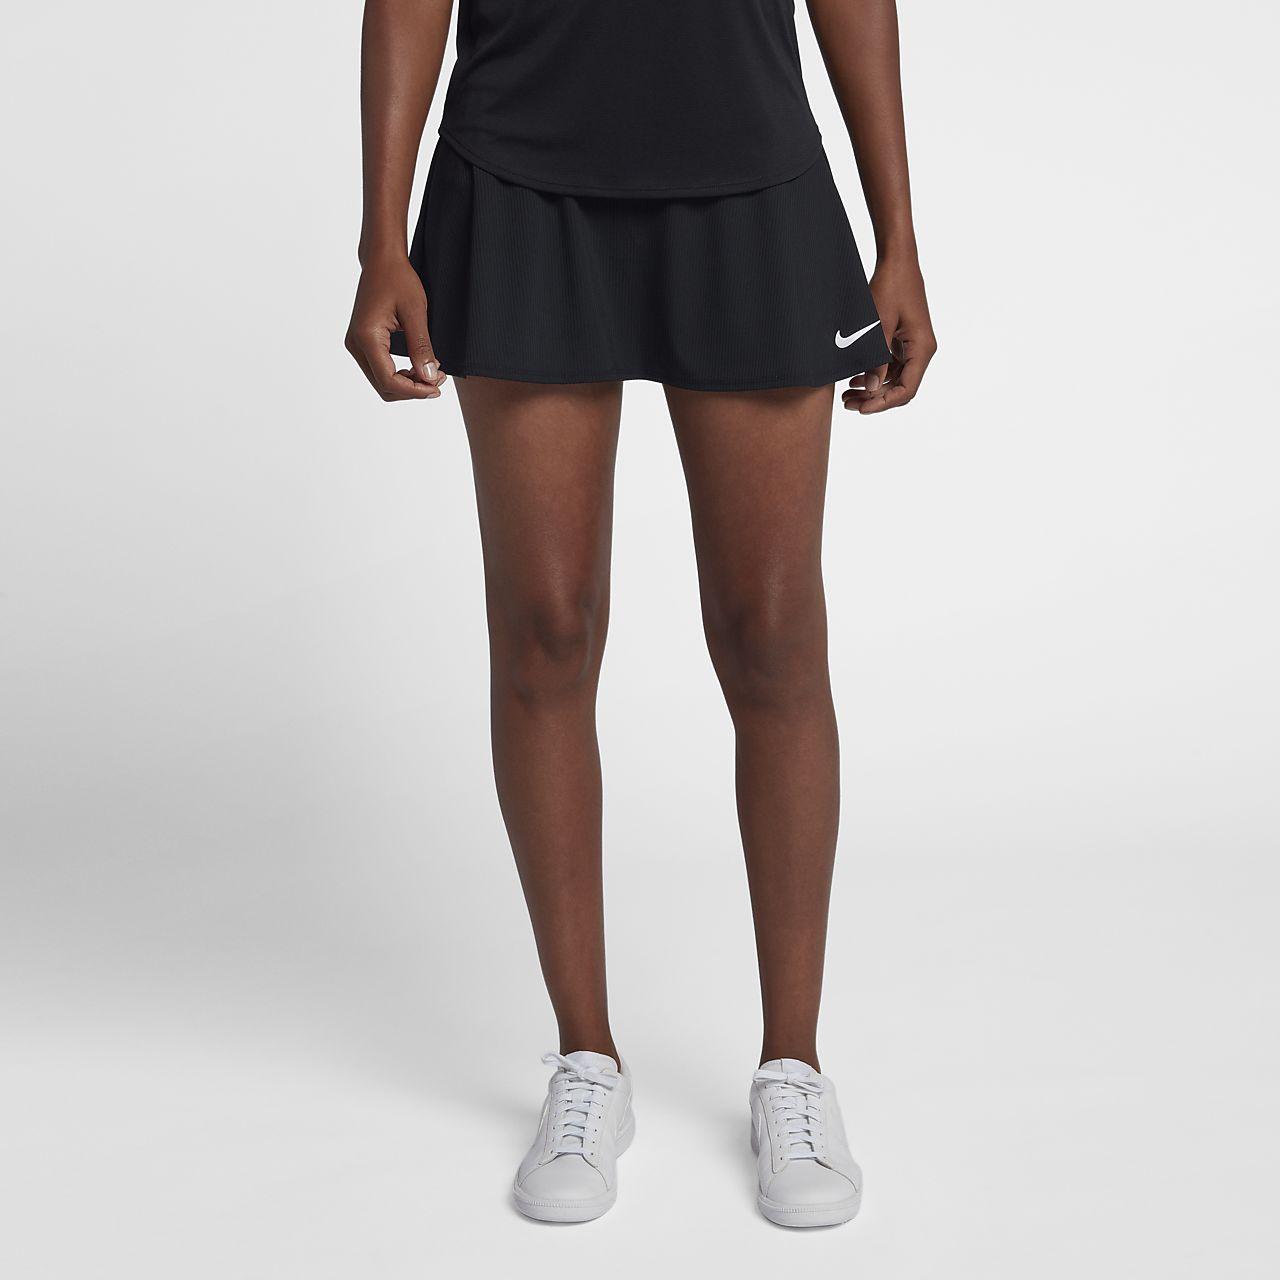 4d52e44d066b Dámská tenisová sukně NikeCourt Dri-FIT. Nike.com CZ